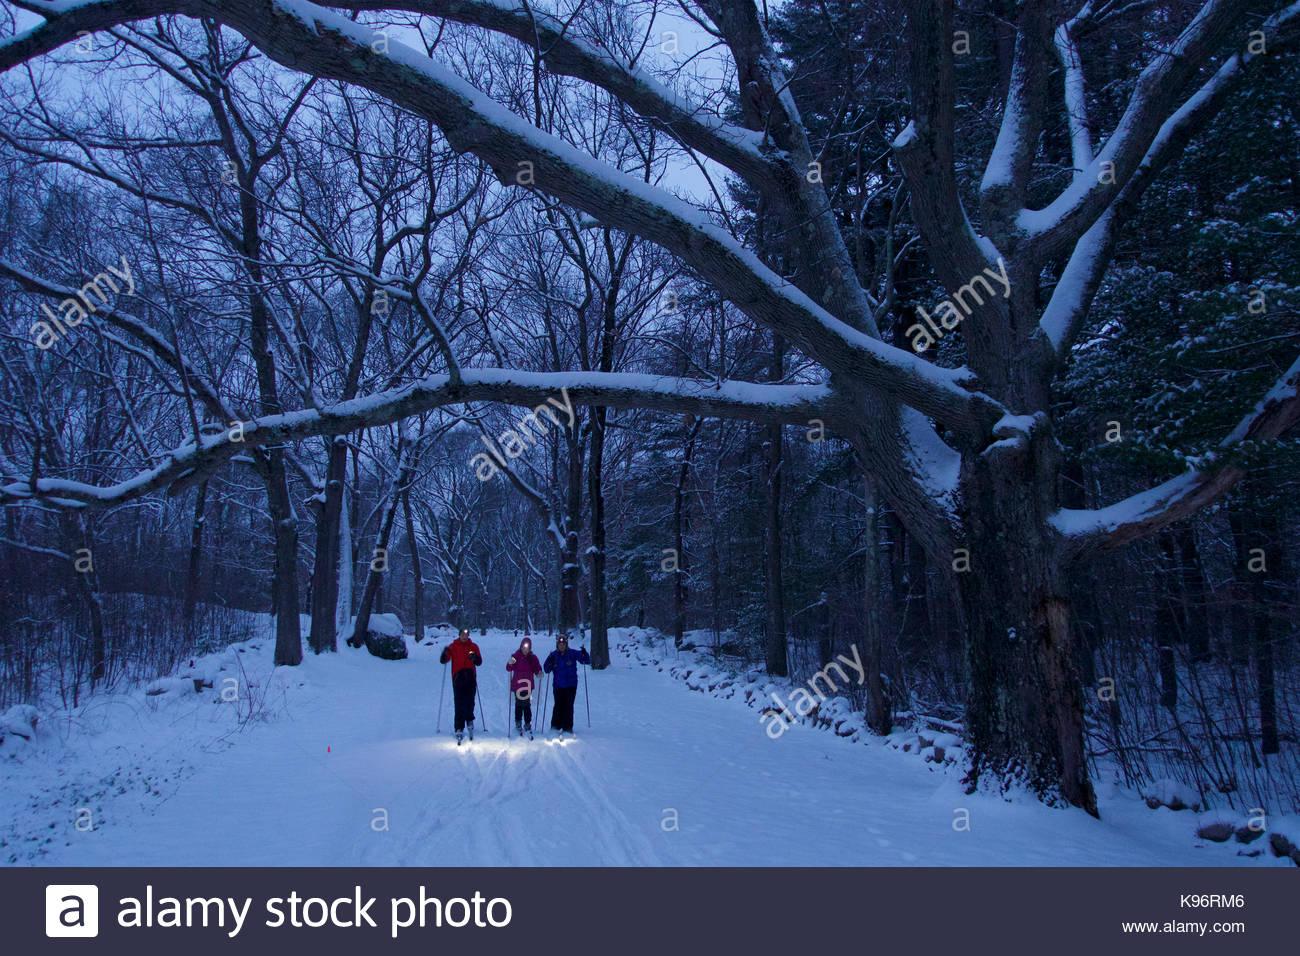 Une femme et sa jeune fille et fils piste de ski sous les arbres couverts de neige fraîche dans le crépuscule Photo Stock